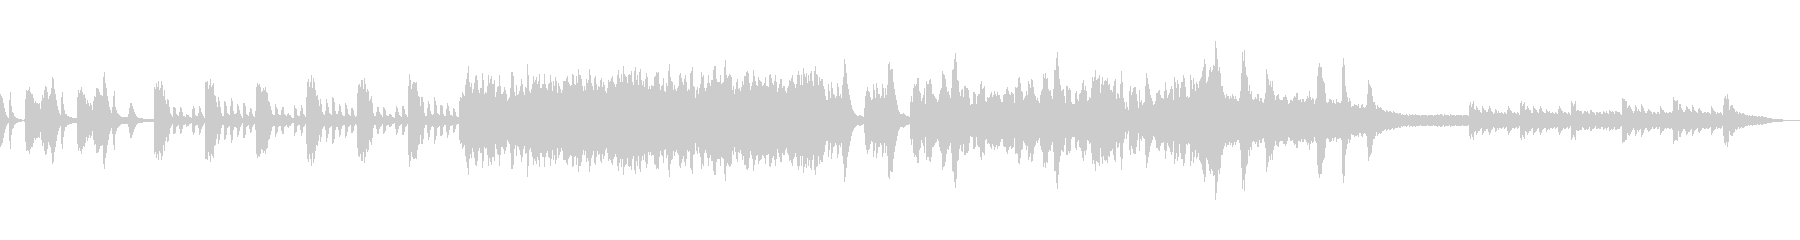 幻想的な雰囲気のピアノ曲の未再生の波形